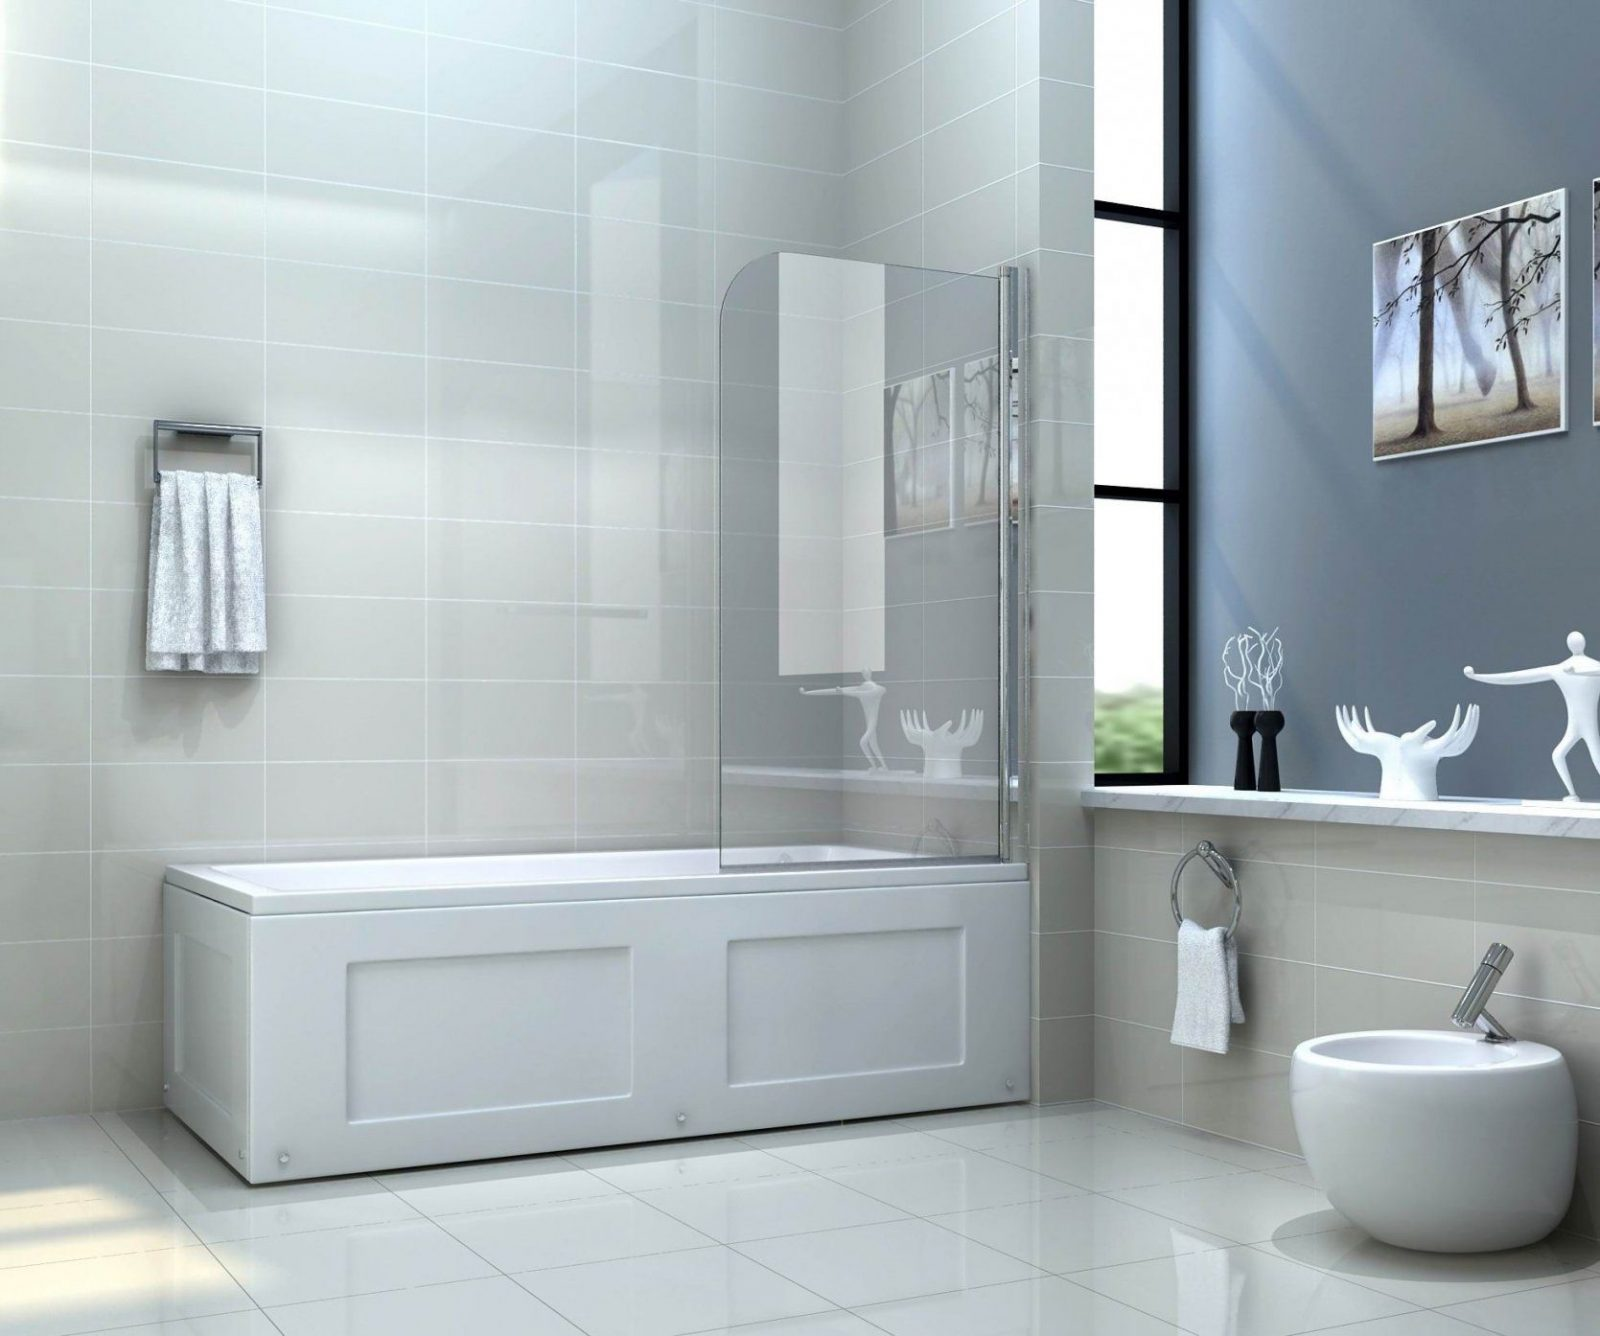 Sepa 80 X 140 Cm Badewannen Faltwand Duschwand Badewannenaufsatz von Duschwand Glas Für Badewanne Bild